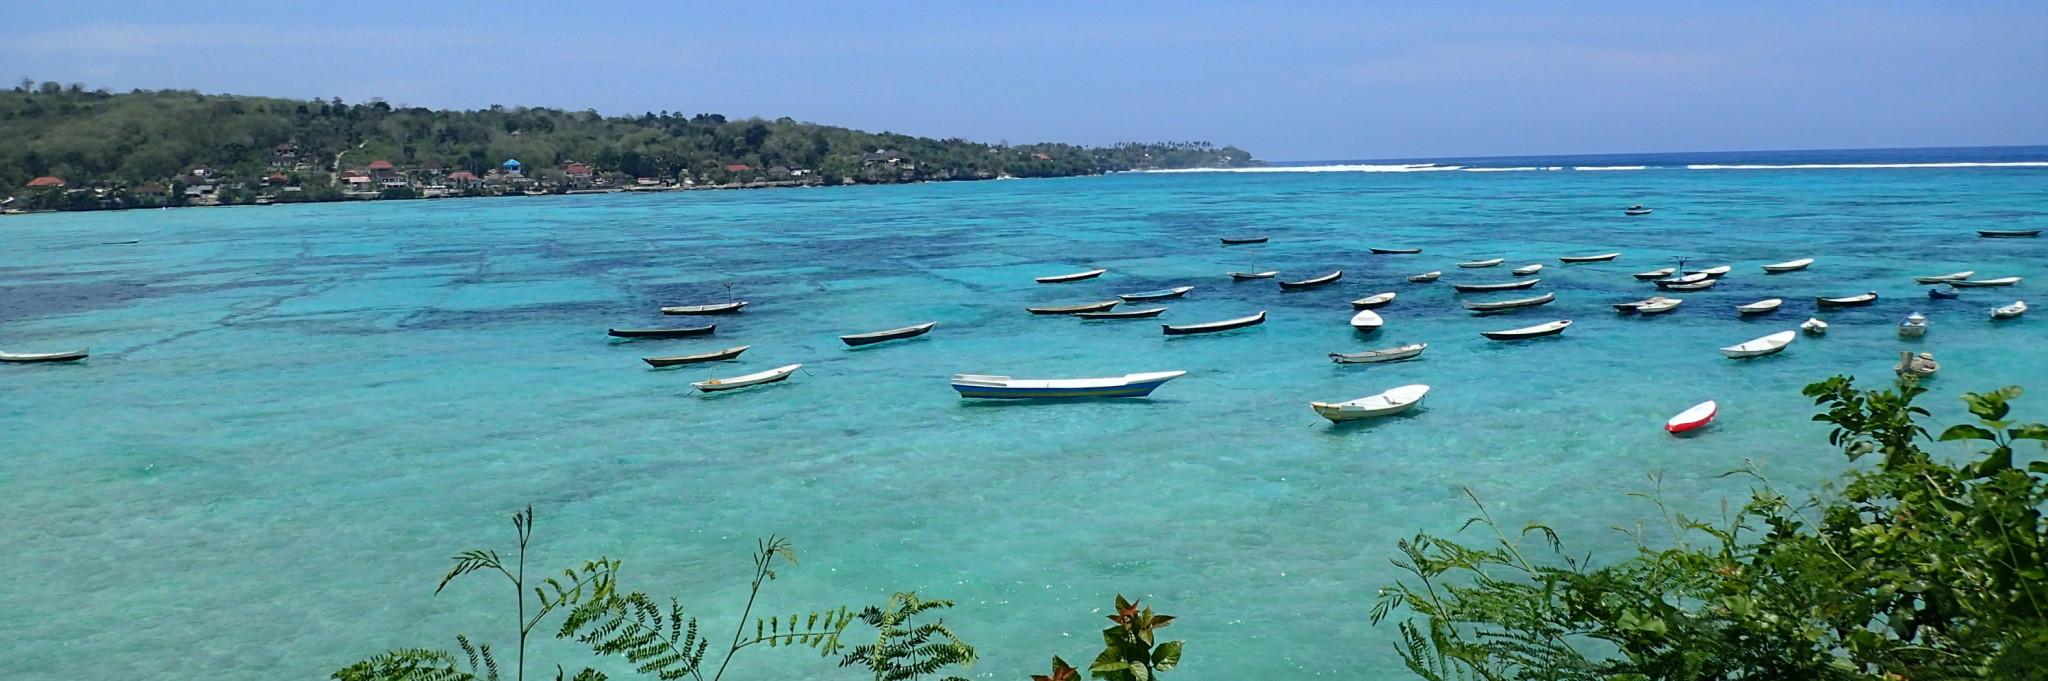 巴厘岛(乌布+库塔+蓝梦岛+金巴兰海滩)